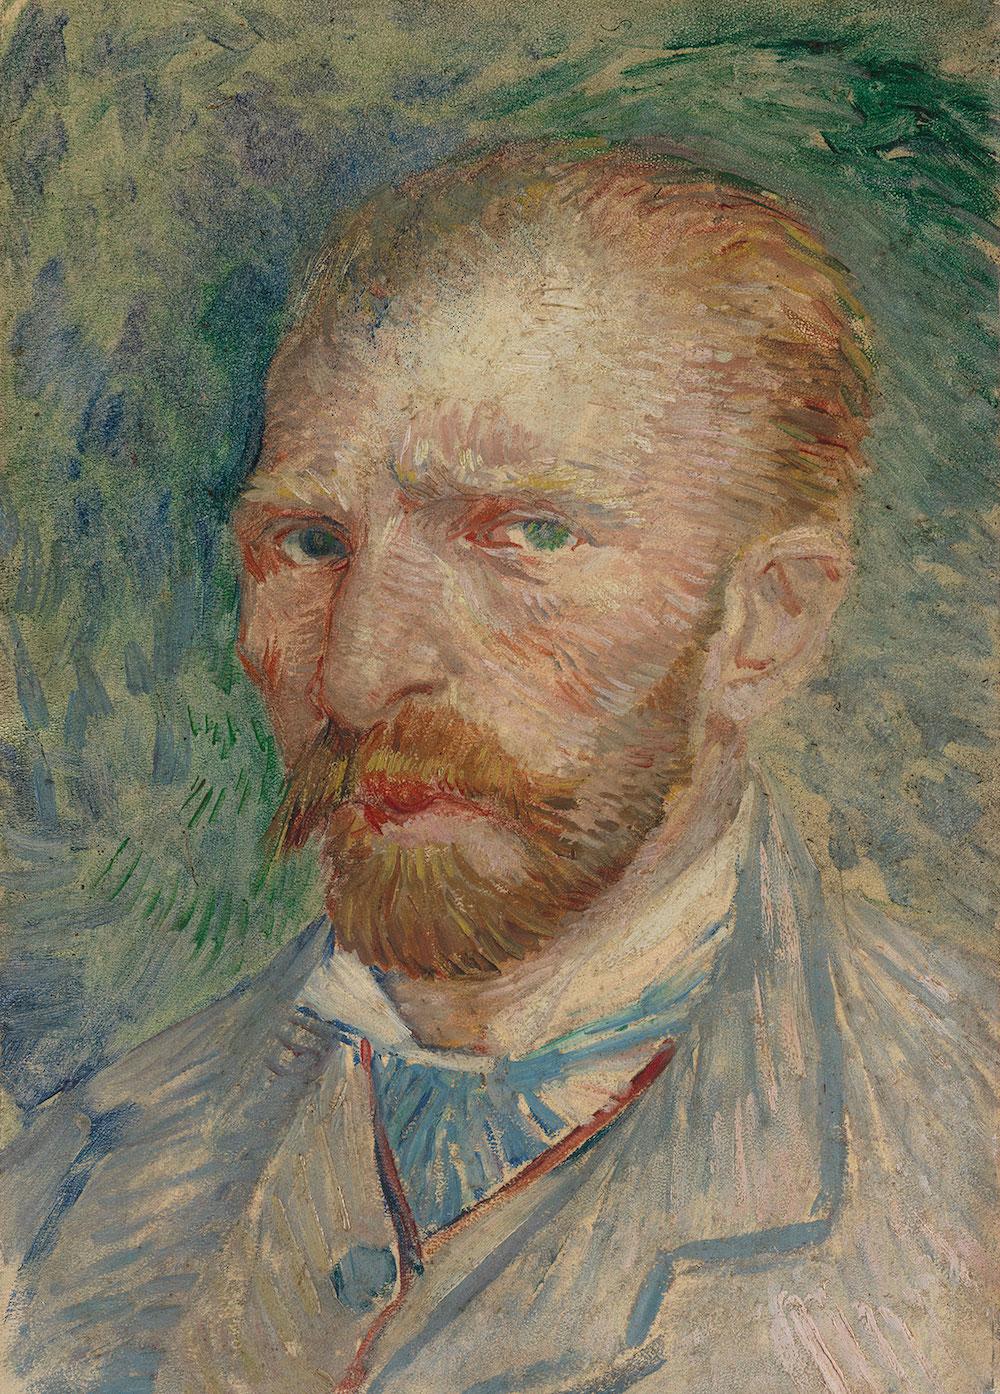 Vincent van Gogh, Selvportræt, 1887. Coll. Kröller-Müller Museum, Otterlo.